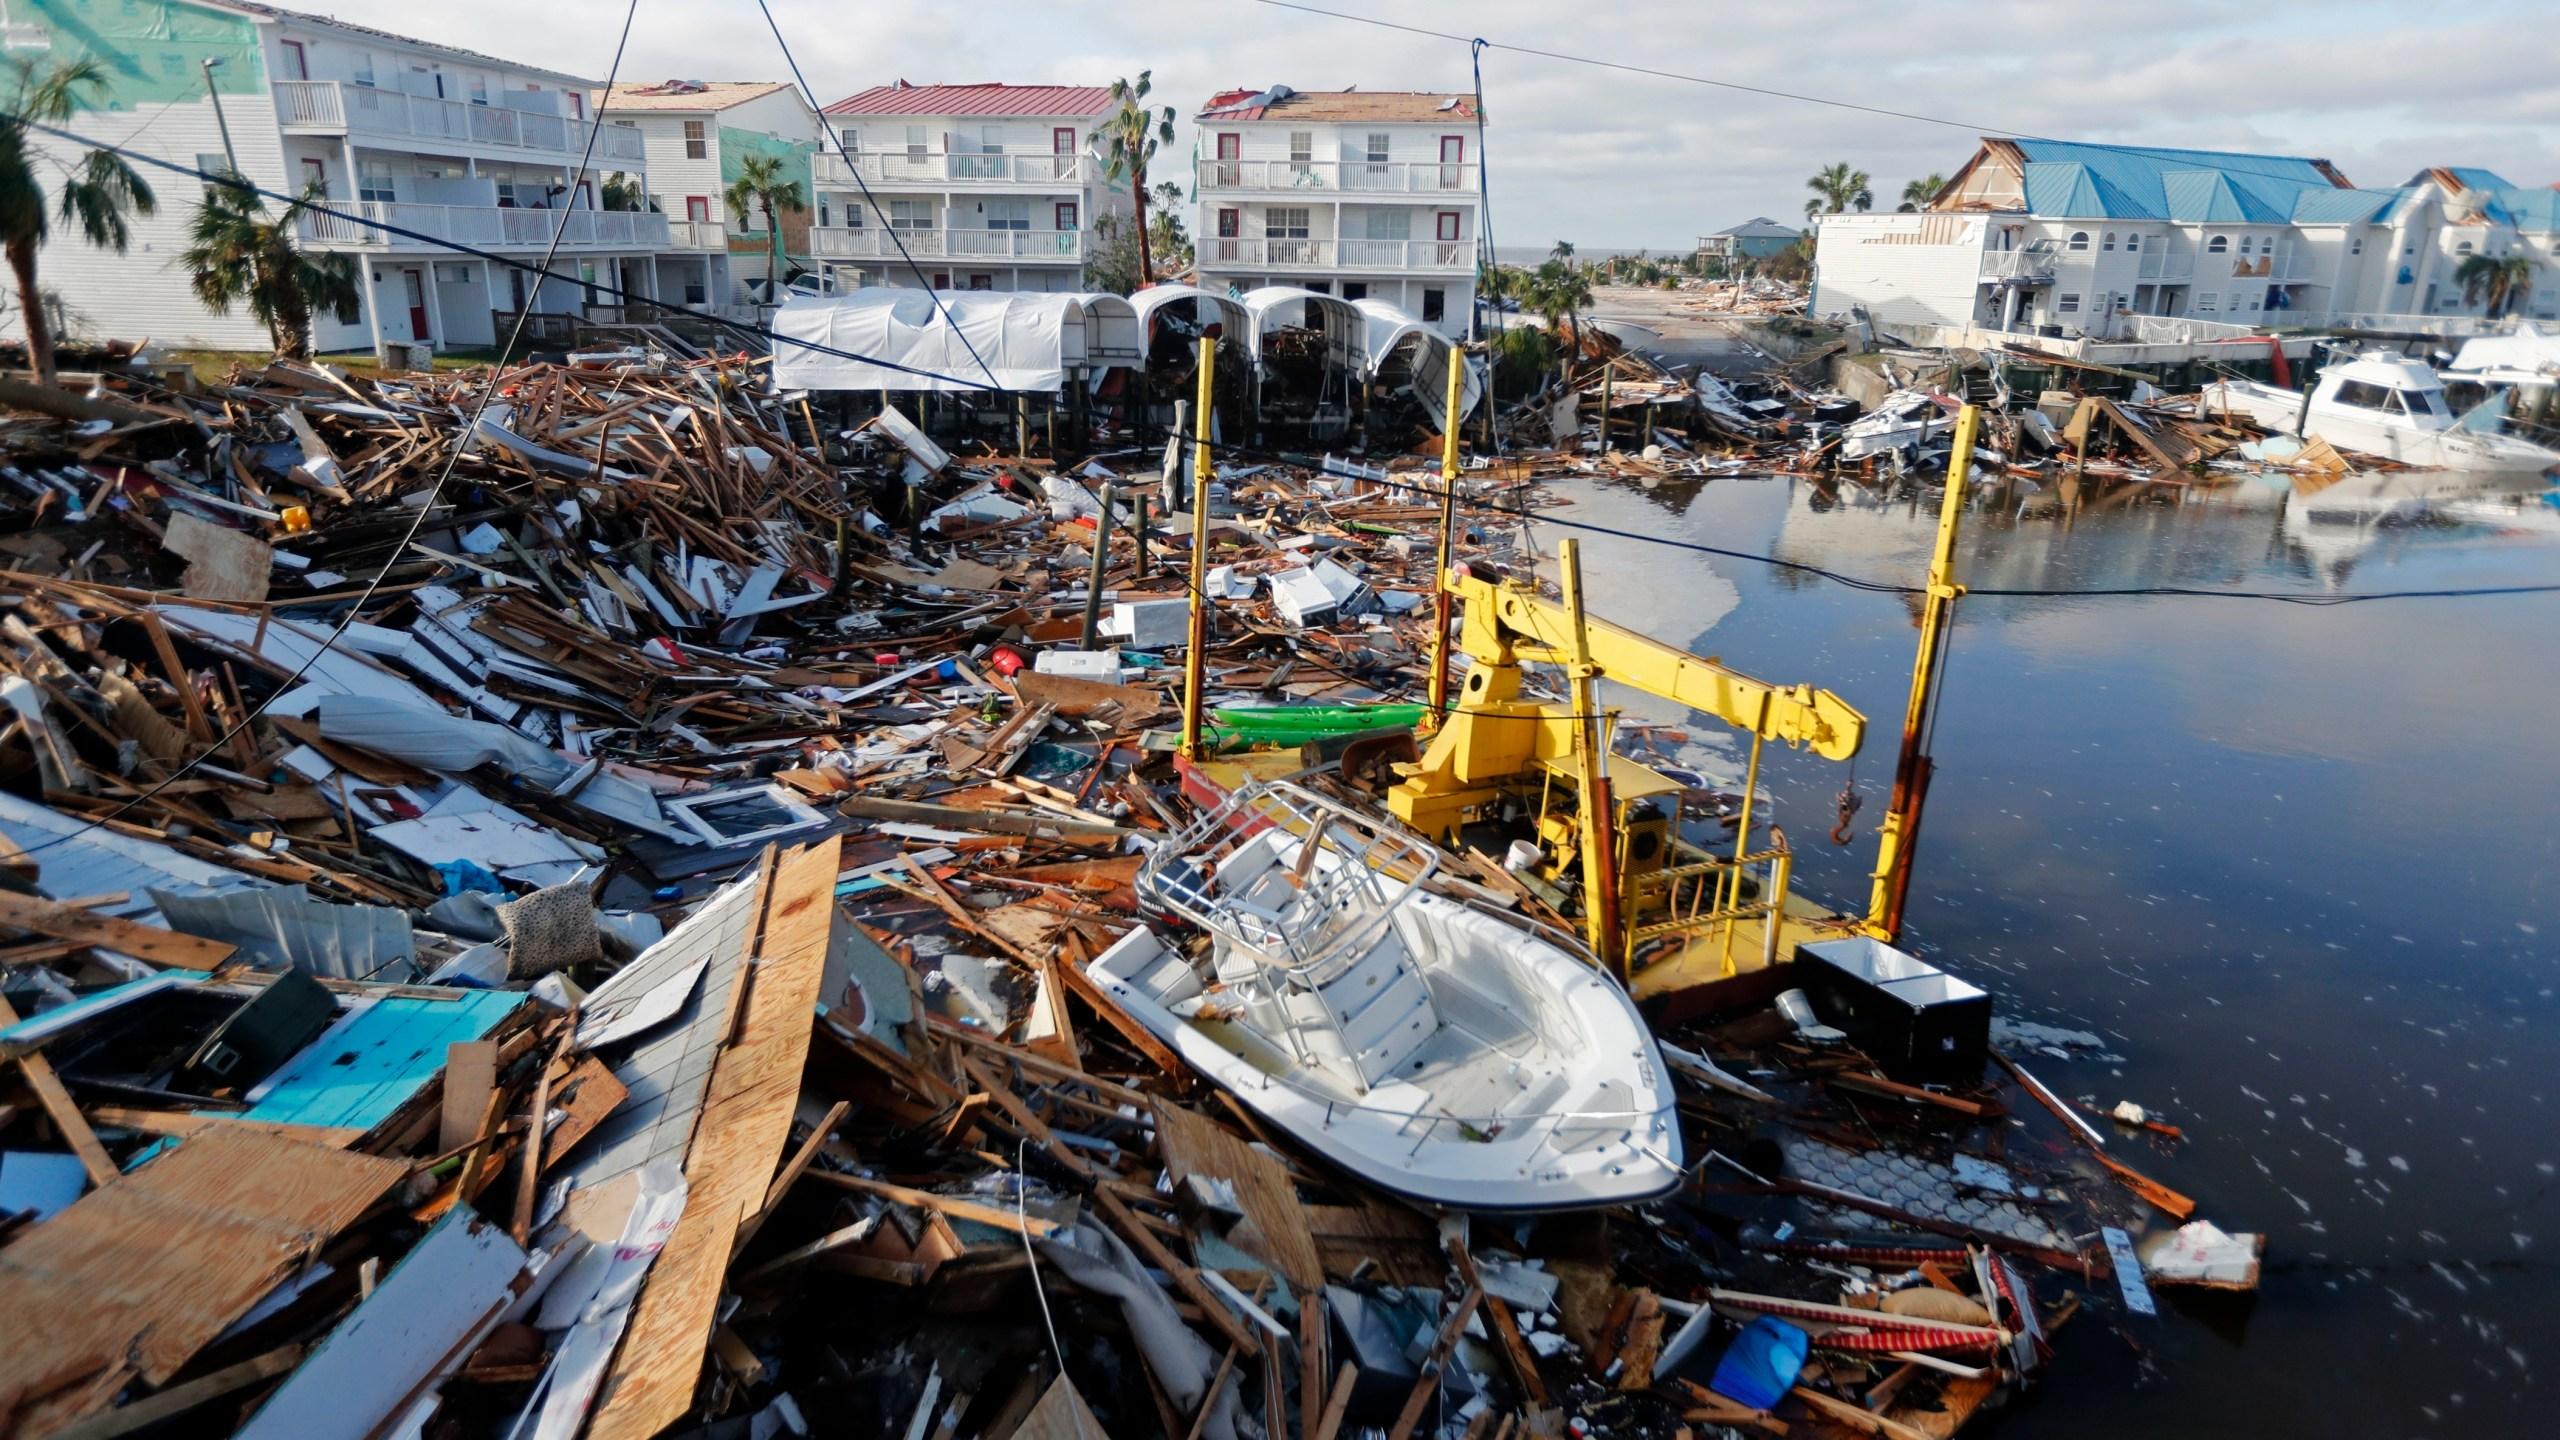 Hurricane_Michael_Upgrade_66566-159532.jpg36378643